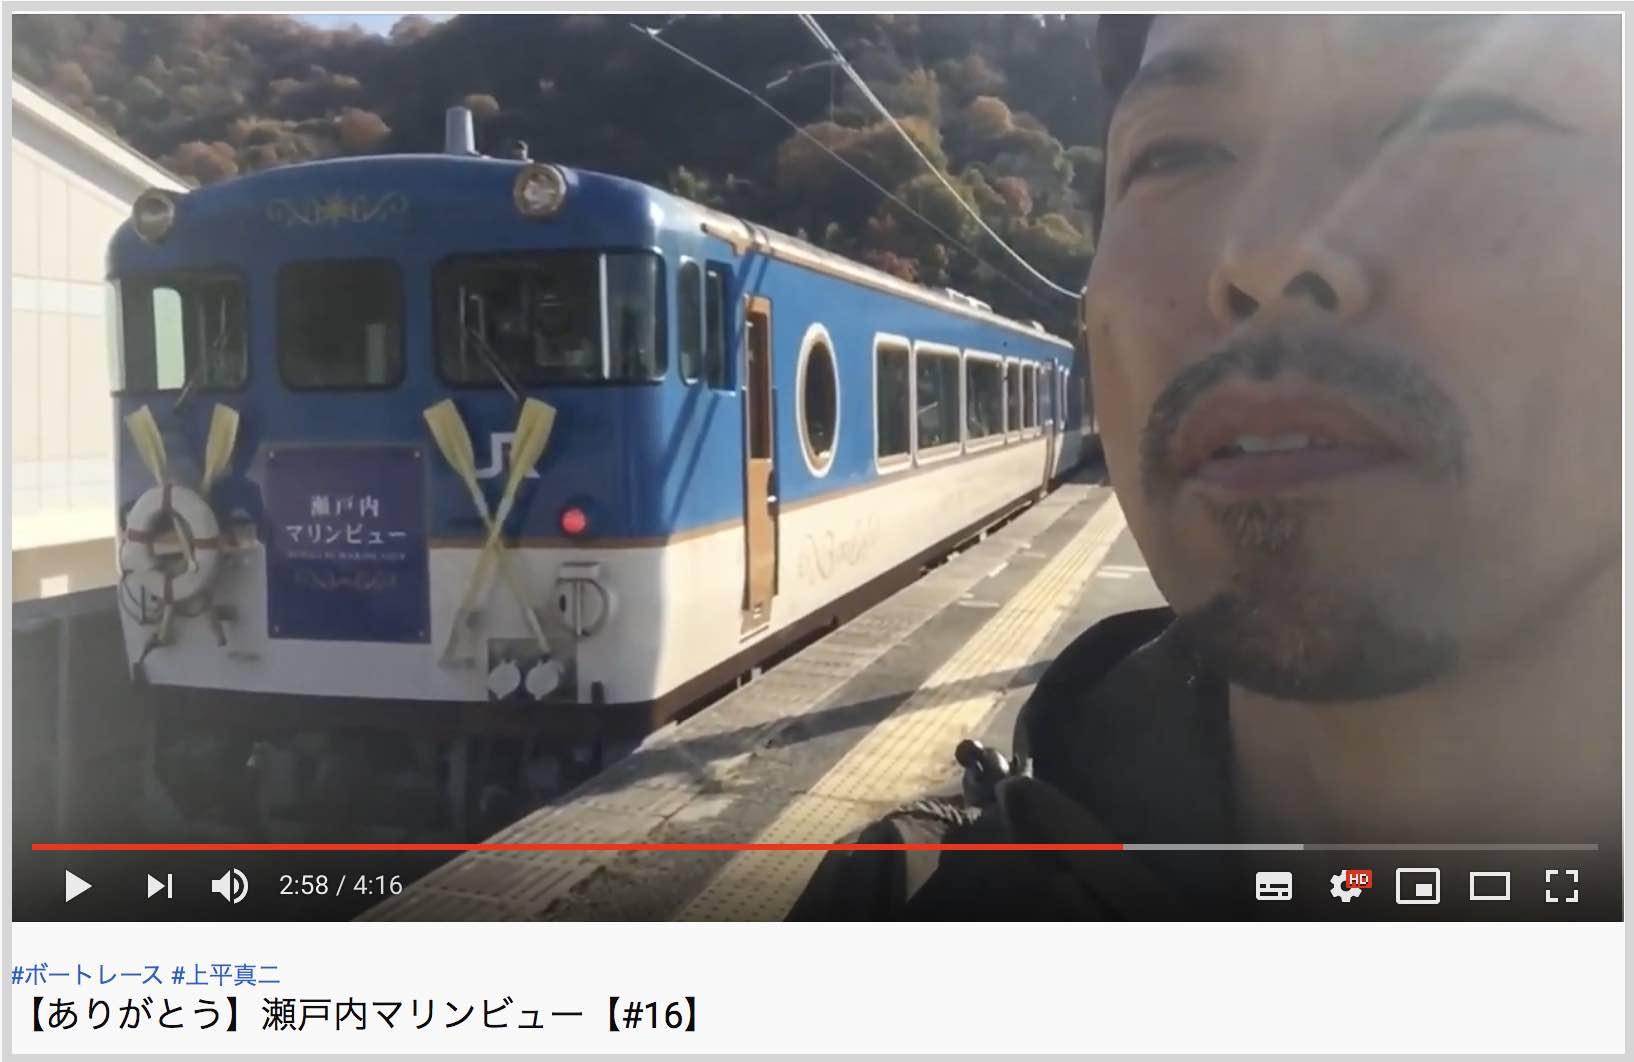 ボートレーサー上平真二のYouTube動画【第16回】